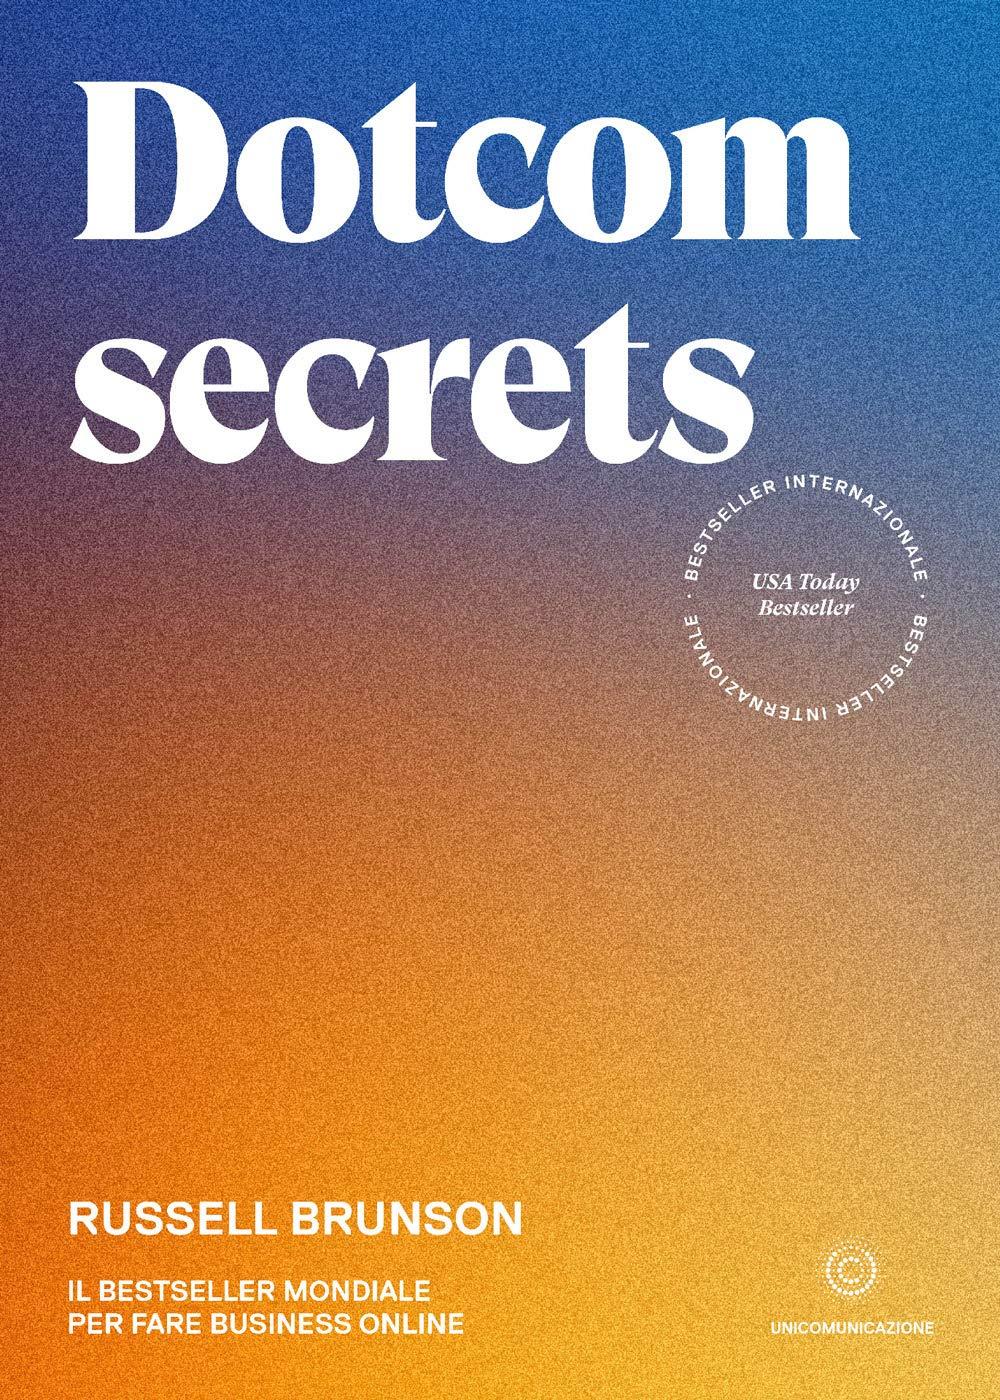 Copertina Libro Dotcom secrets